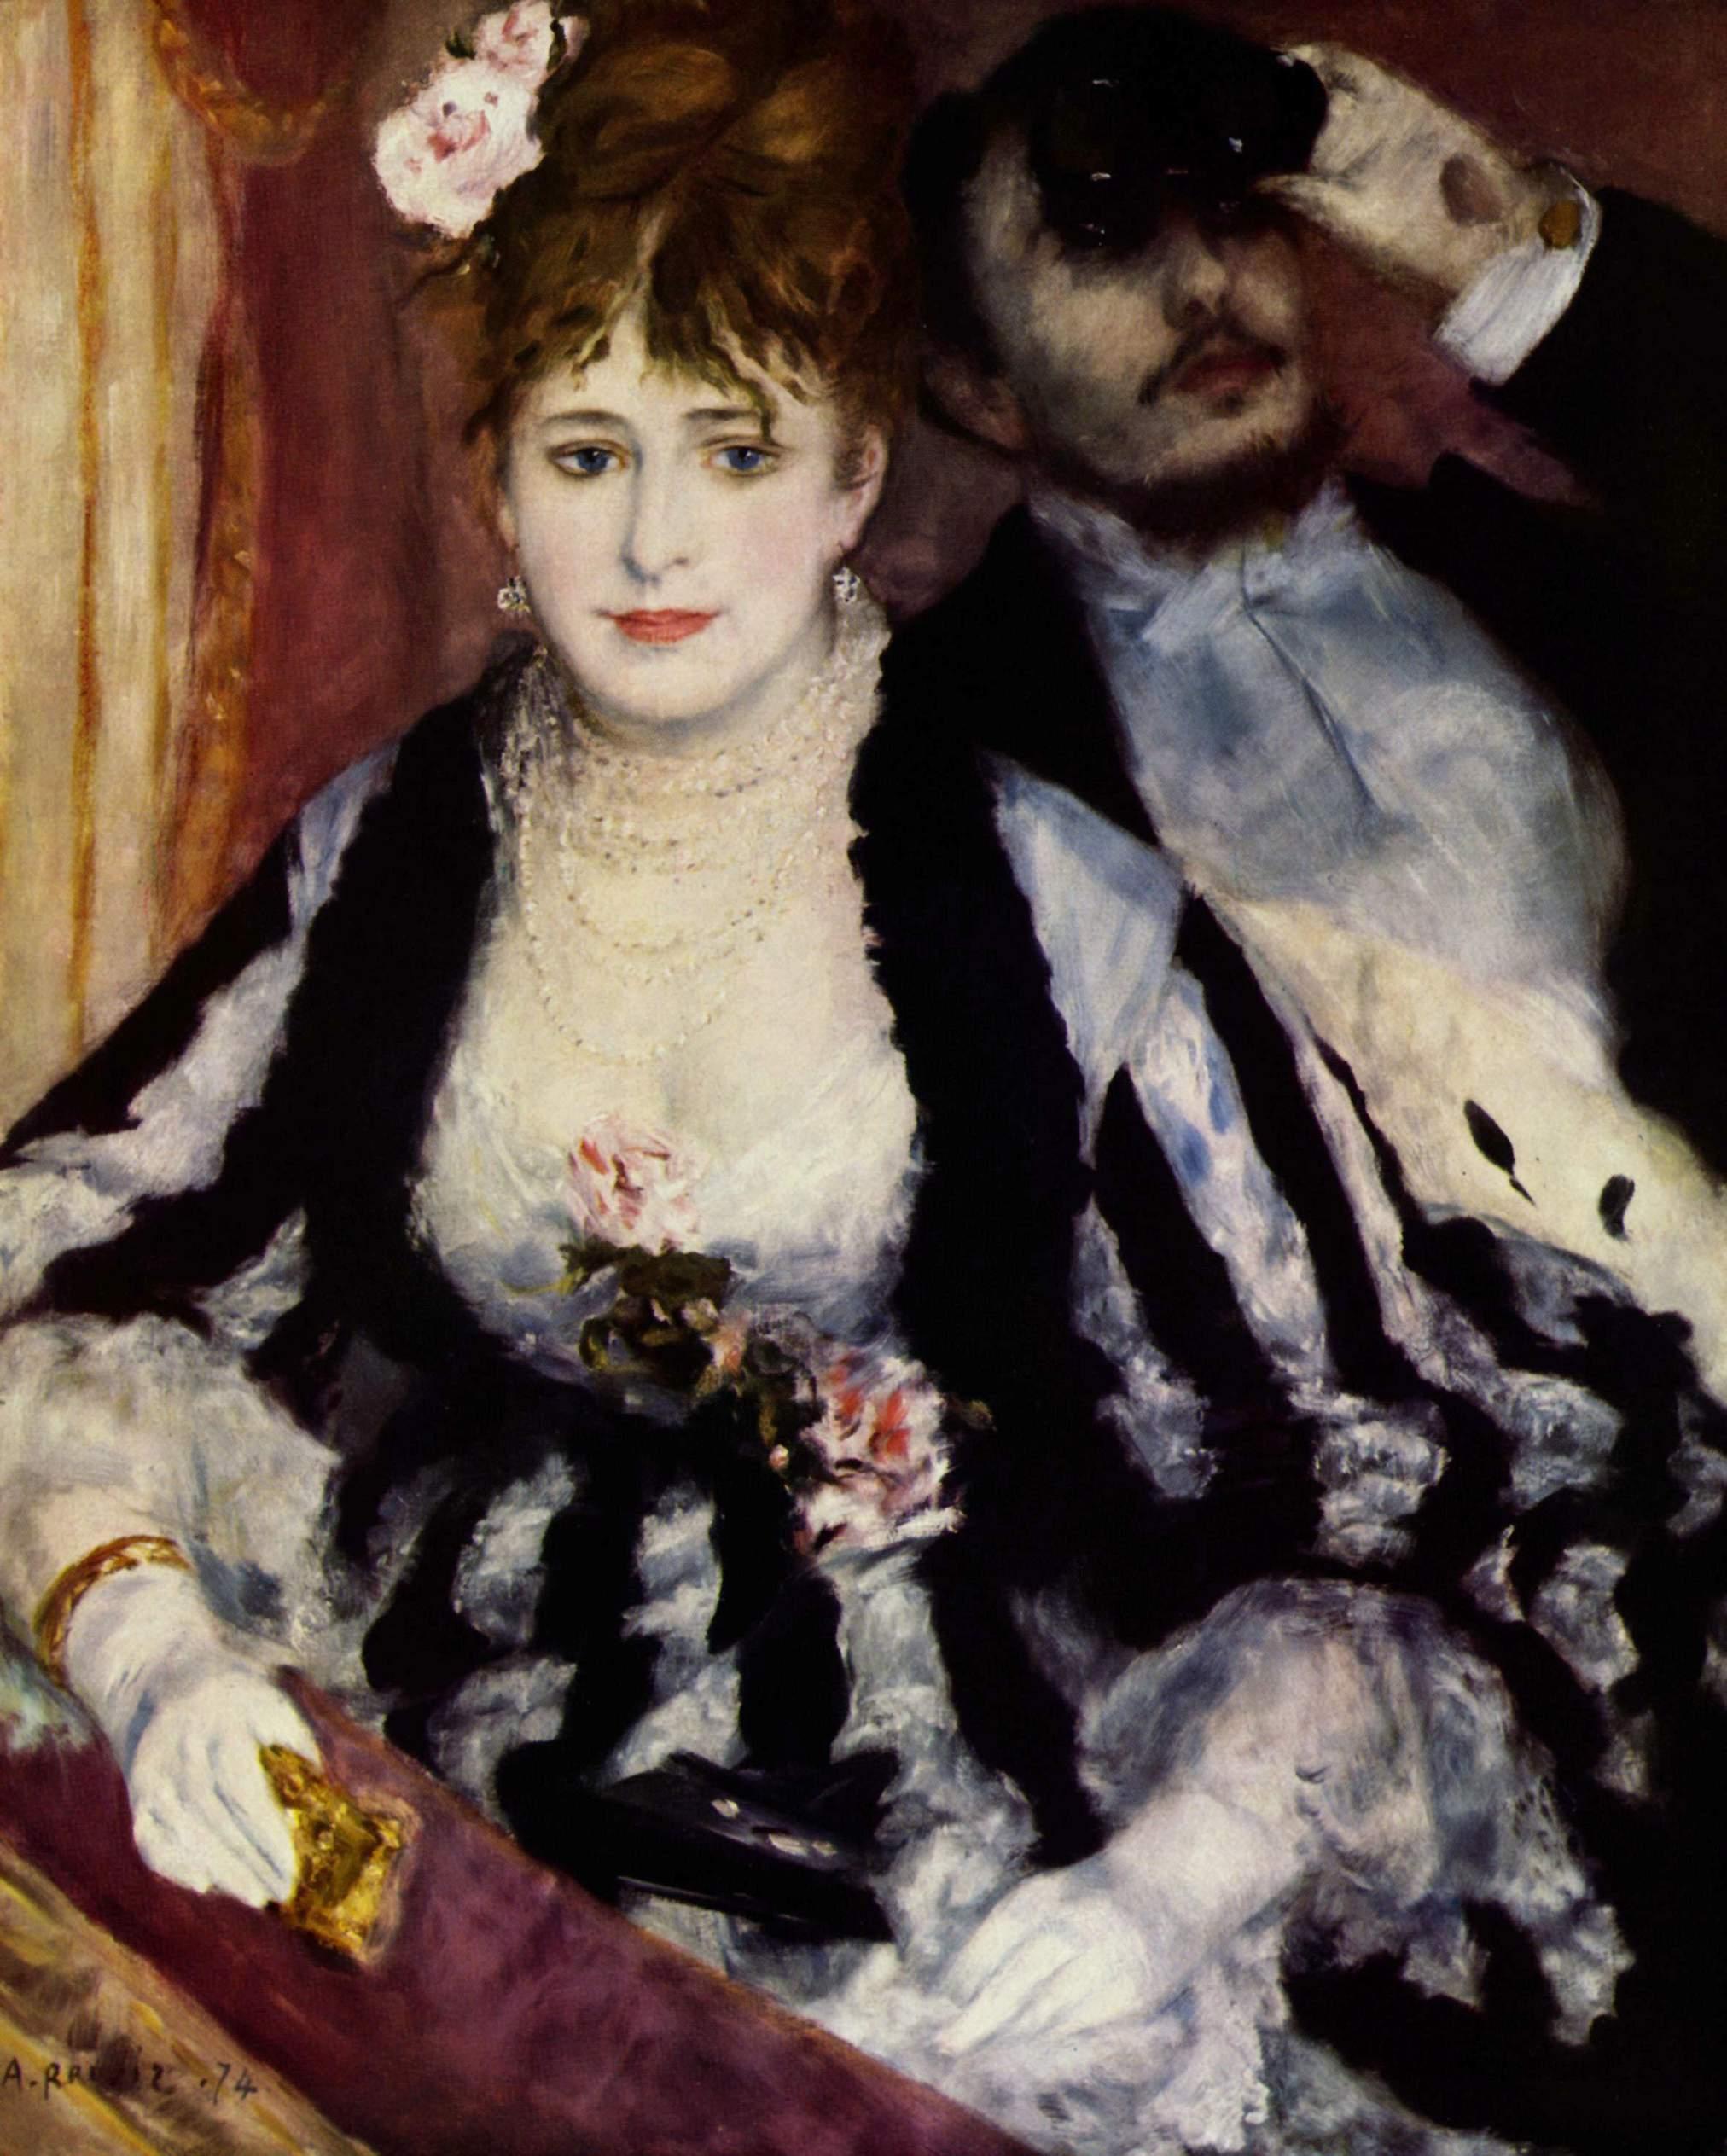 https://upload.wikimedia.org/wikipedia/commons/6/64/Pierre-Auguste_Renoir_023.jpg